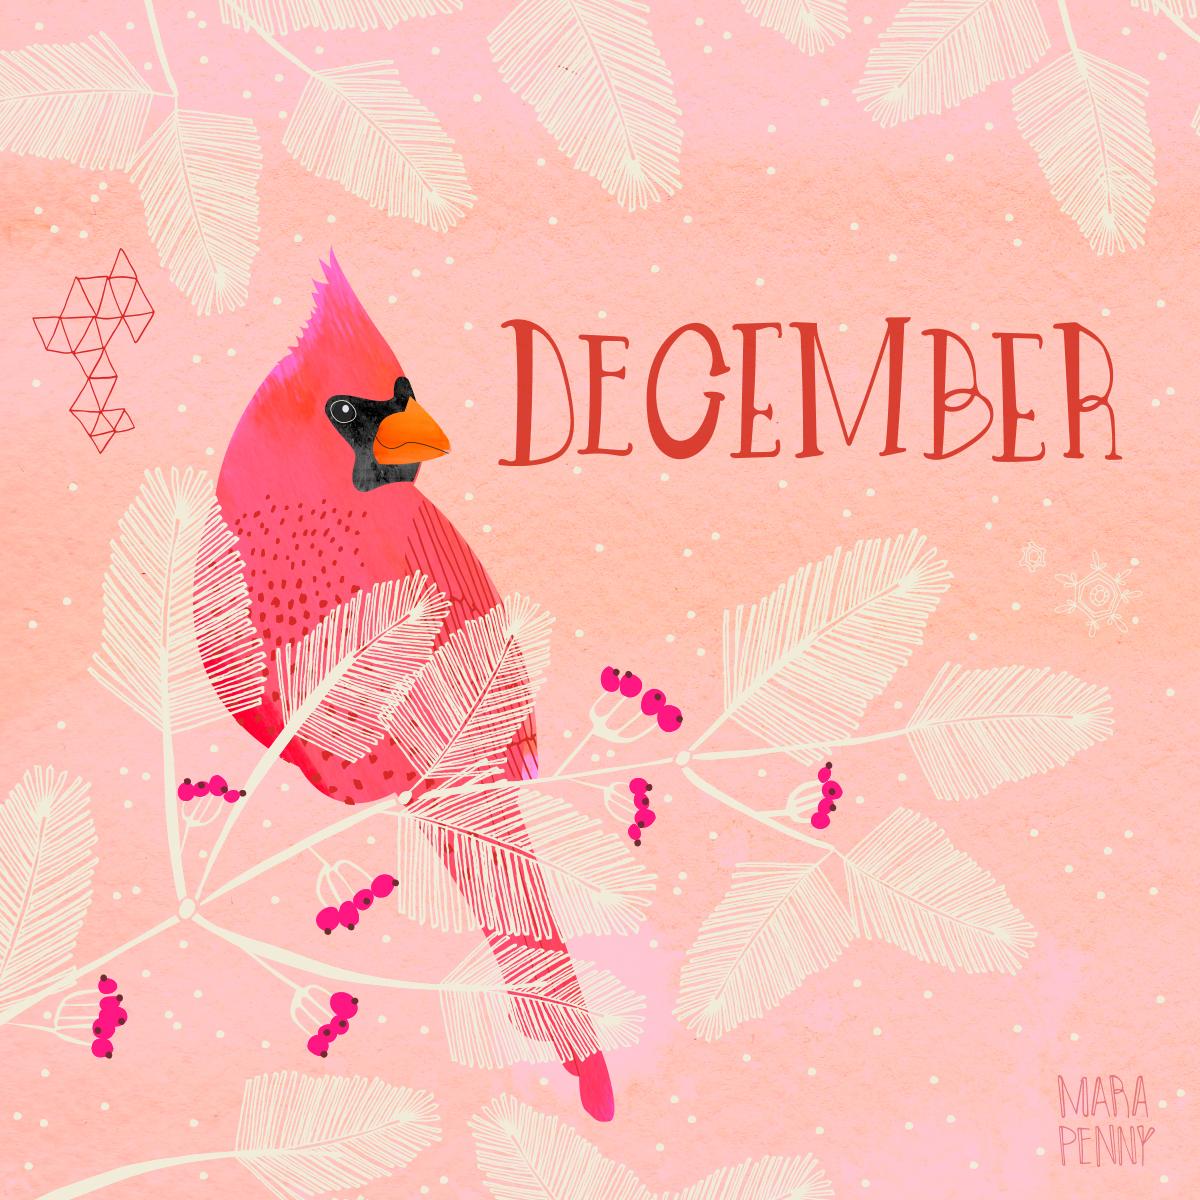 December Cardinal